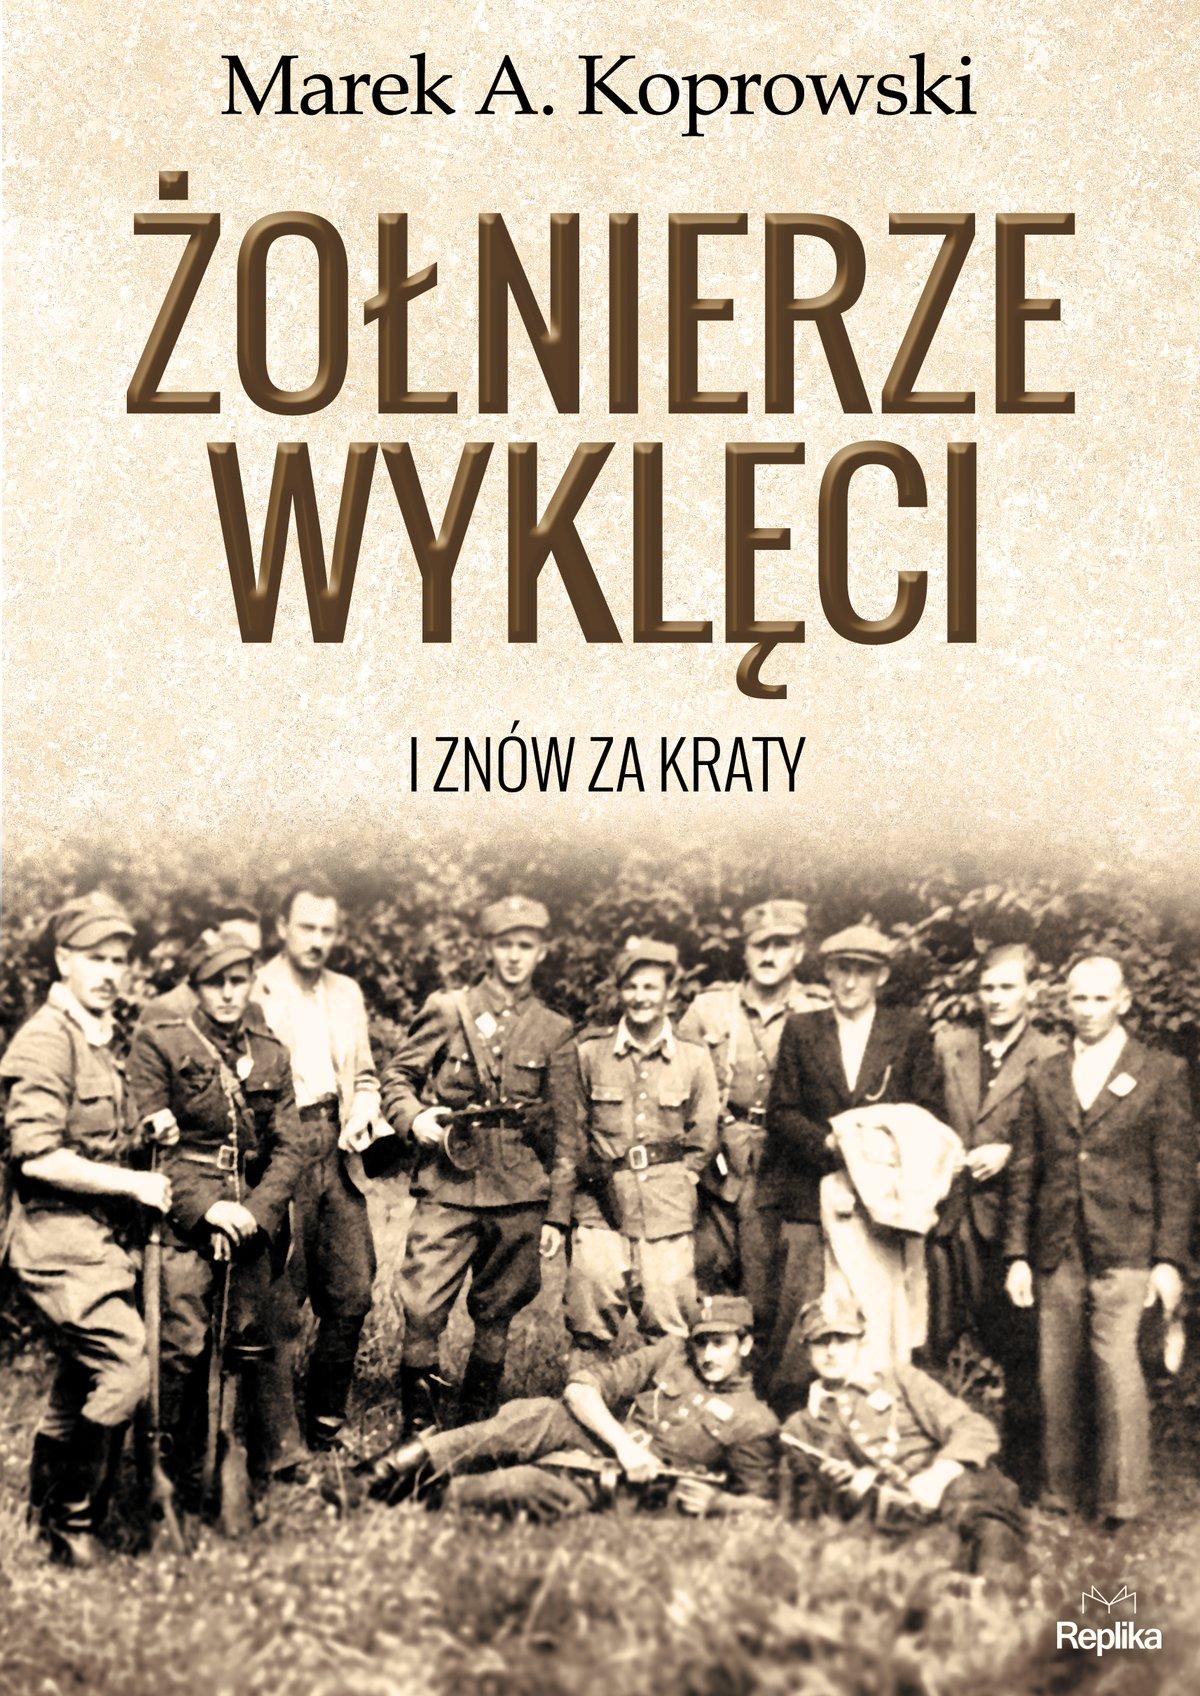 Żołnierze Wyklęci. I znów za kraty - Ebook (Książka na Kindle) do pobrania w formacie MOBI